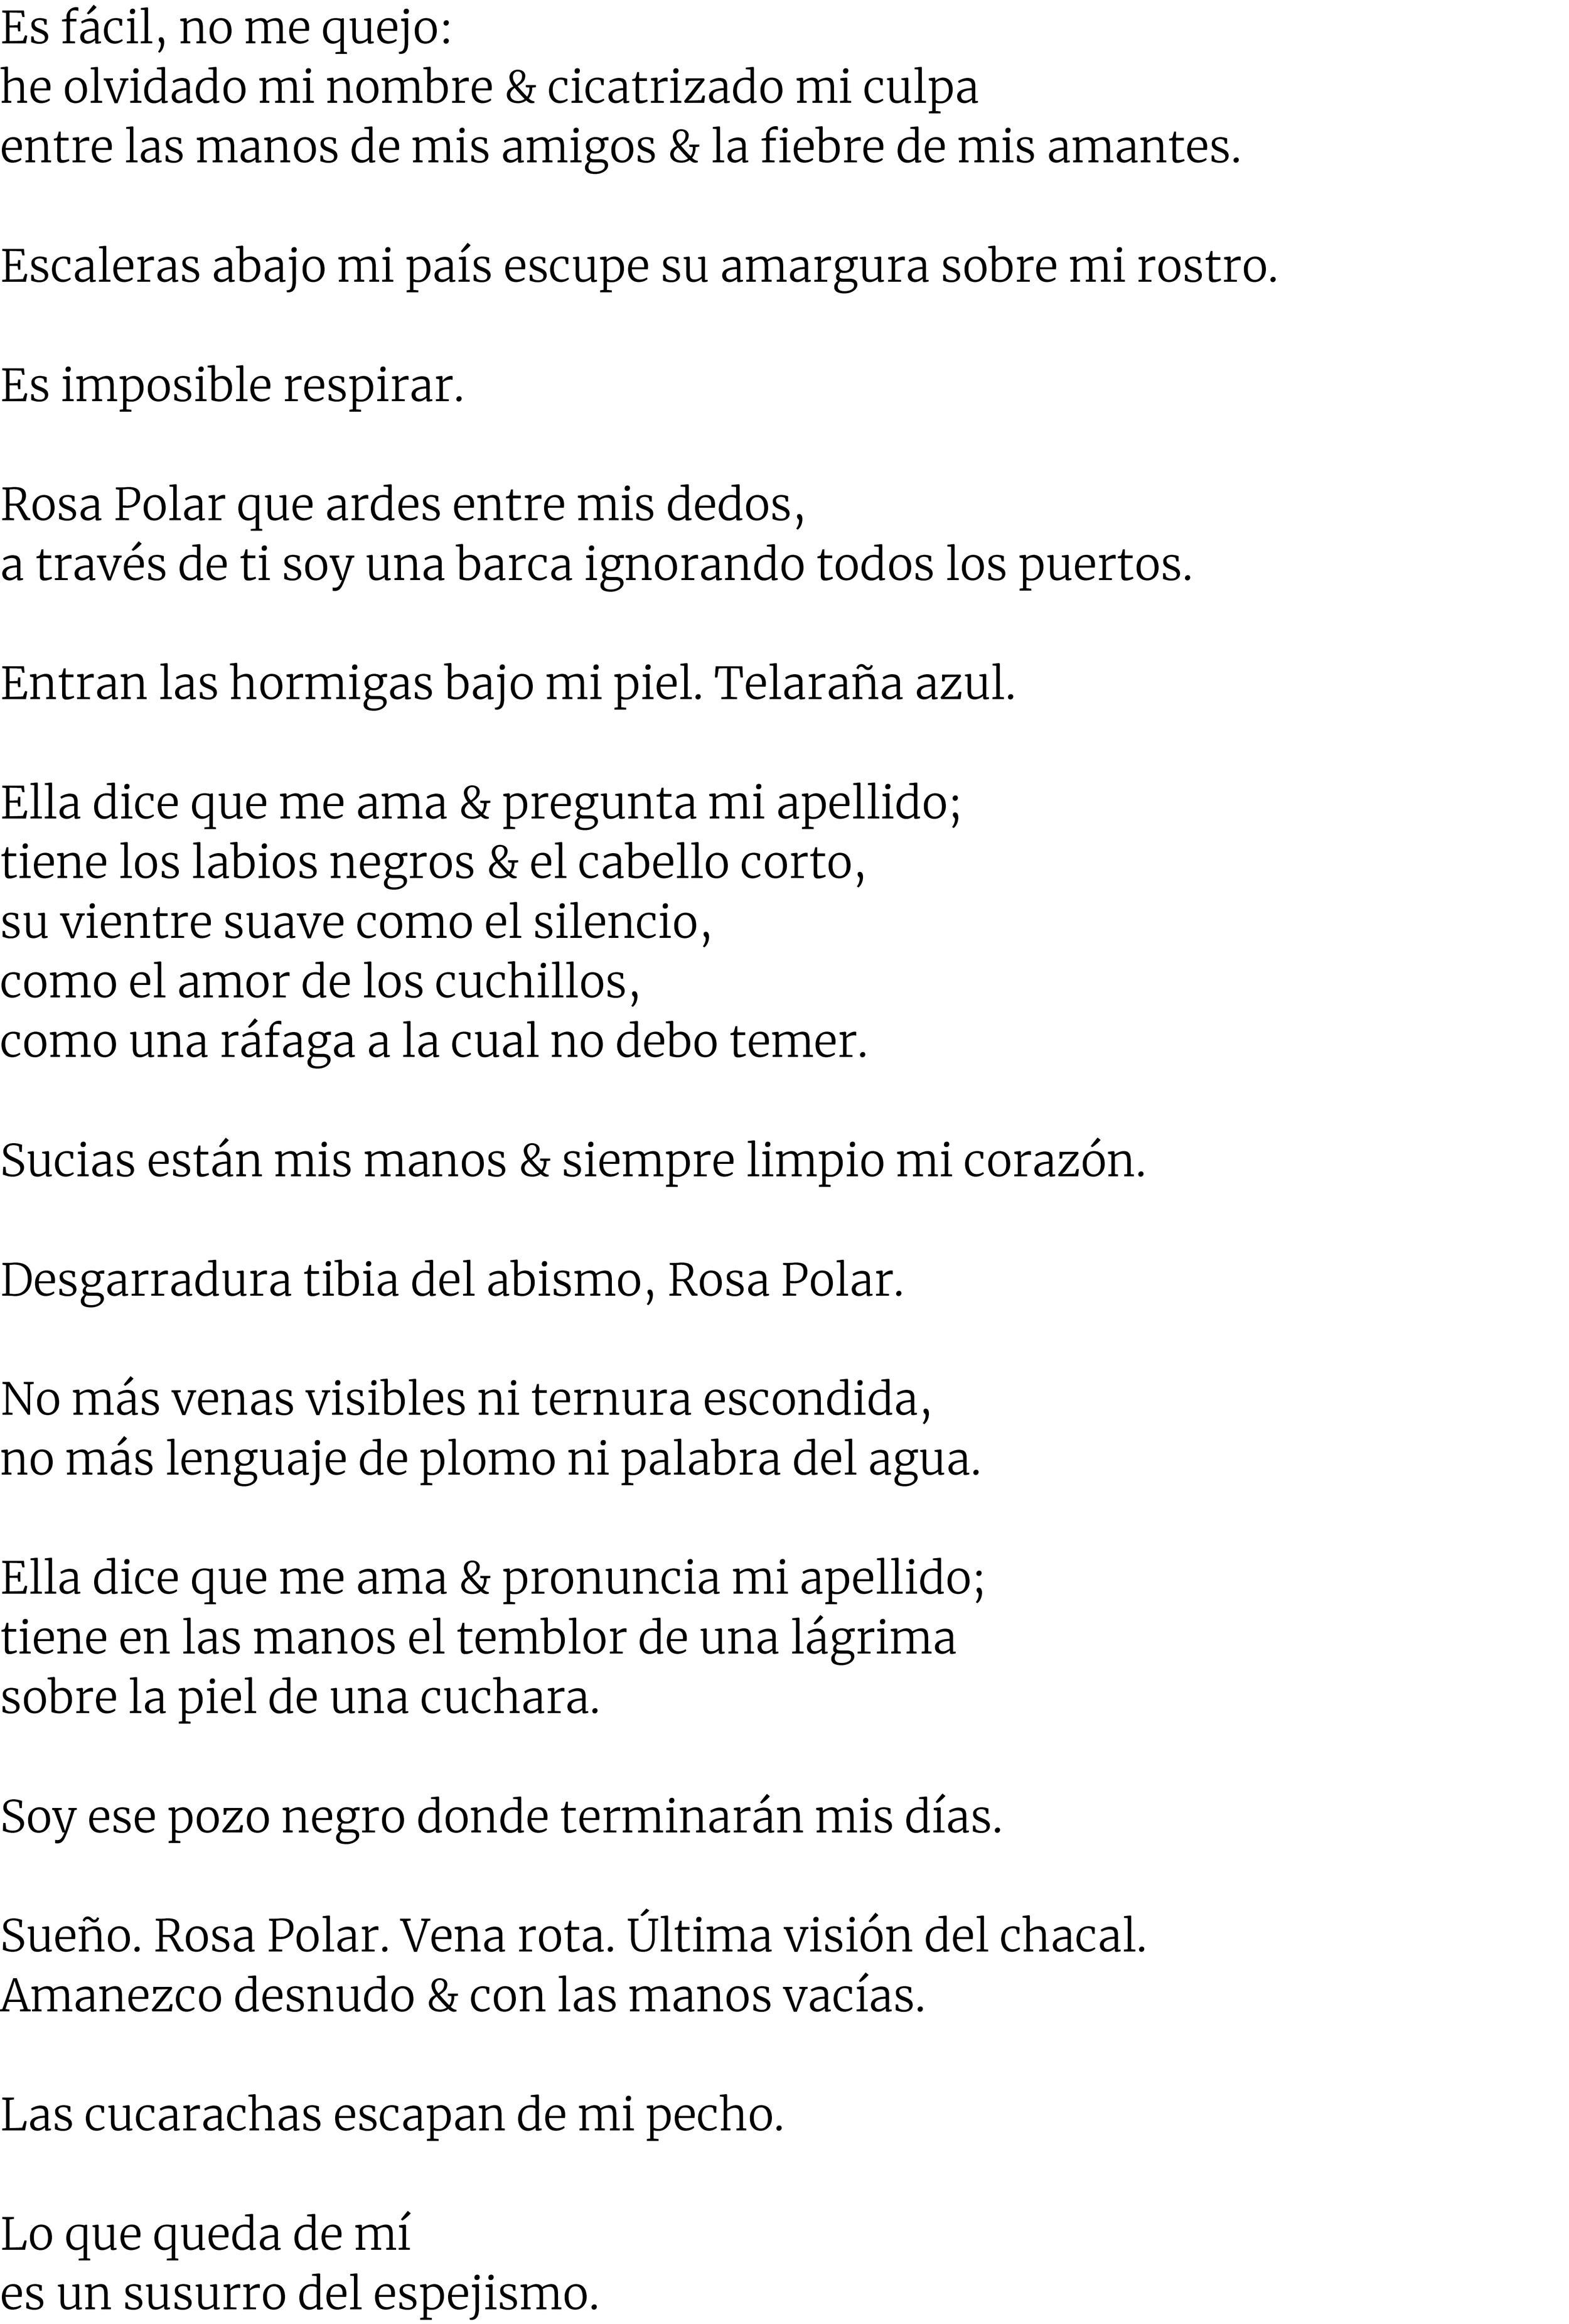 ES Josué Andrés Moz2.png